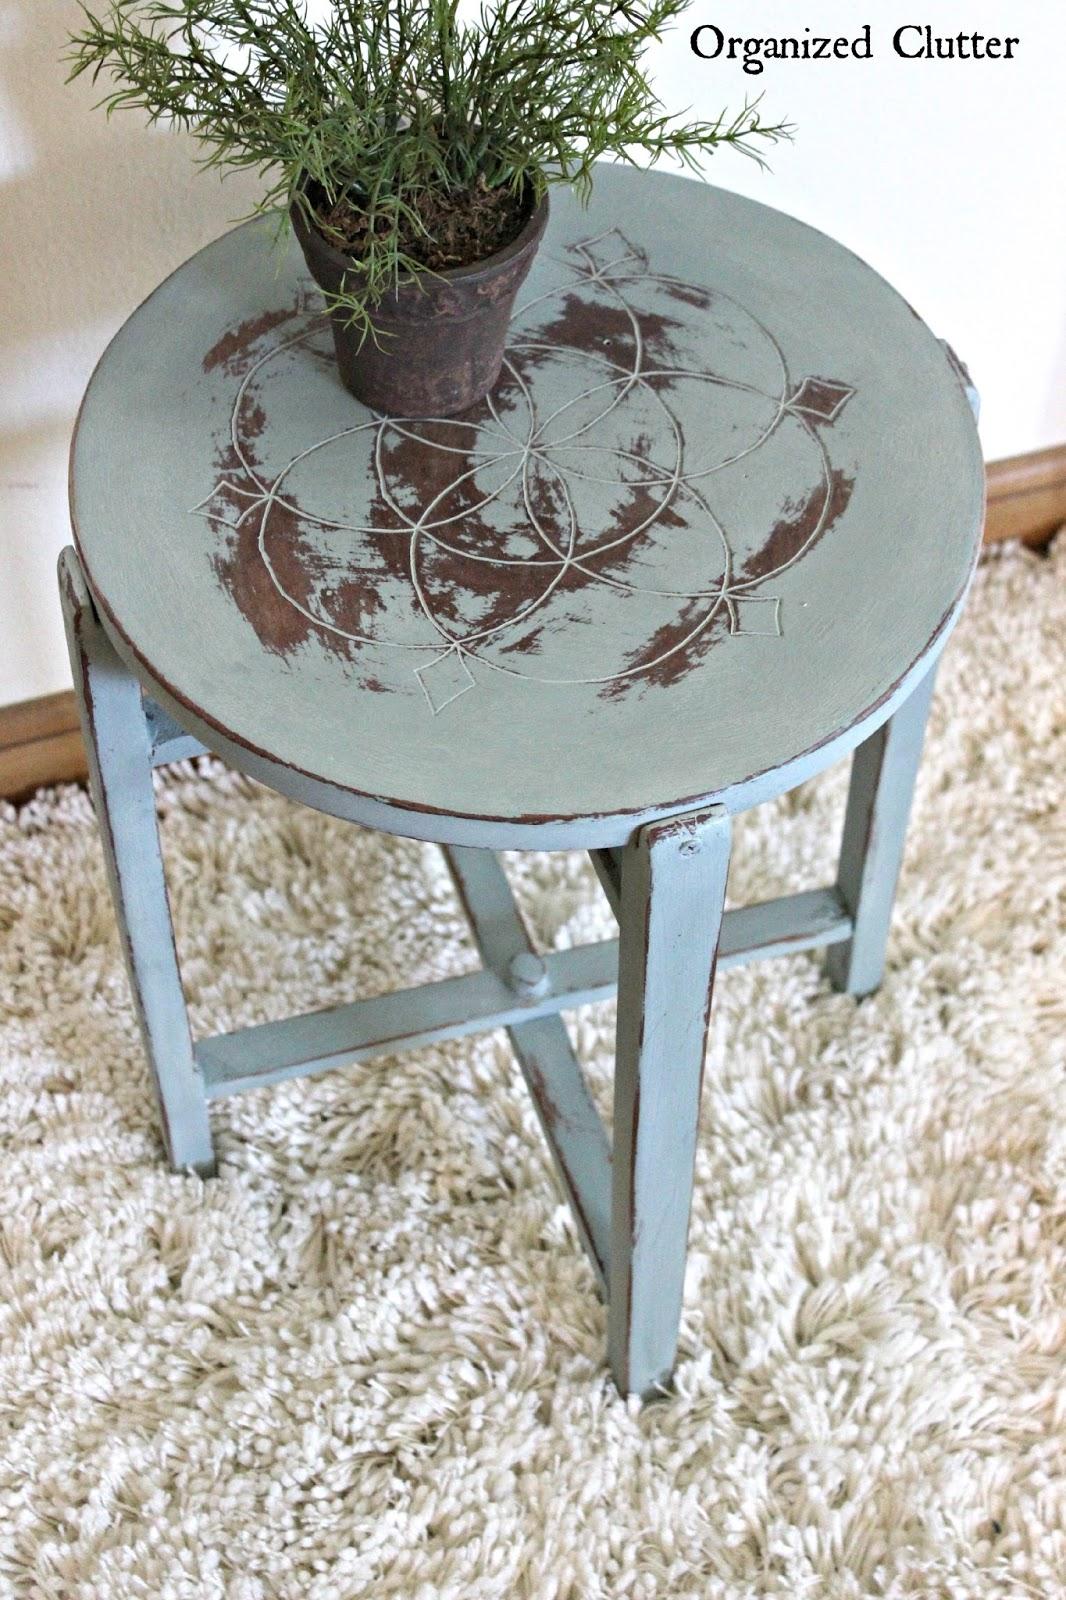 Duck Egg Blue Chalk Paint & Wet Distressing www.organizedclutter.net